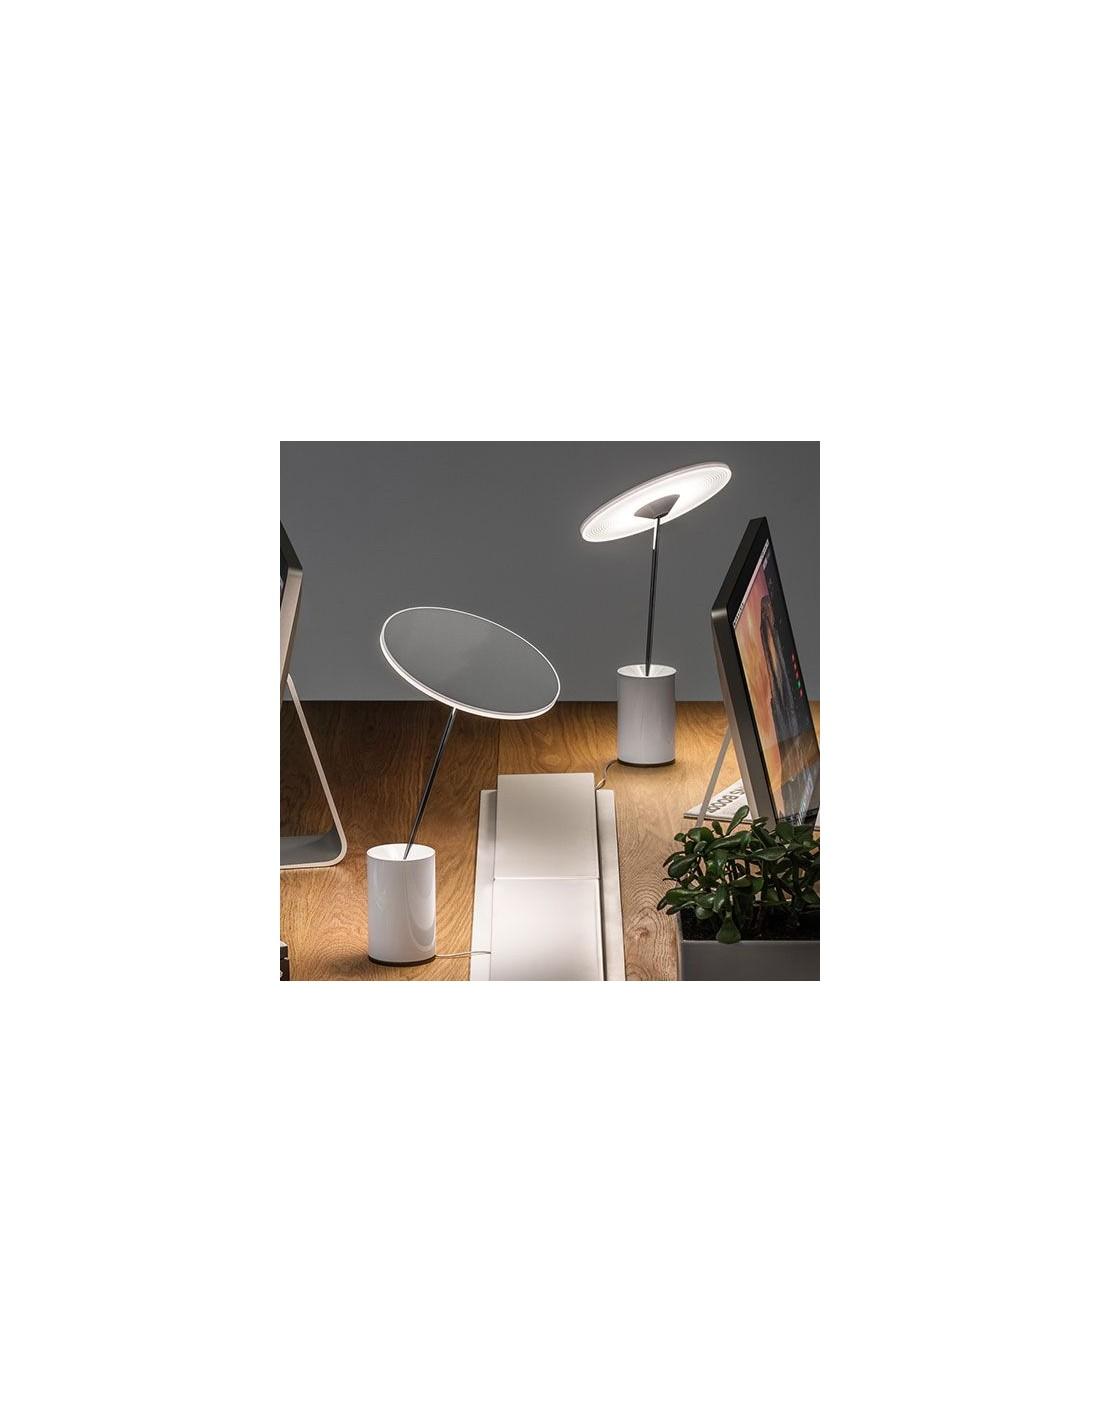 lampe de bureau articulée  Artemide  - Valente Design